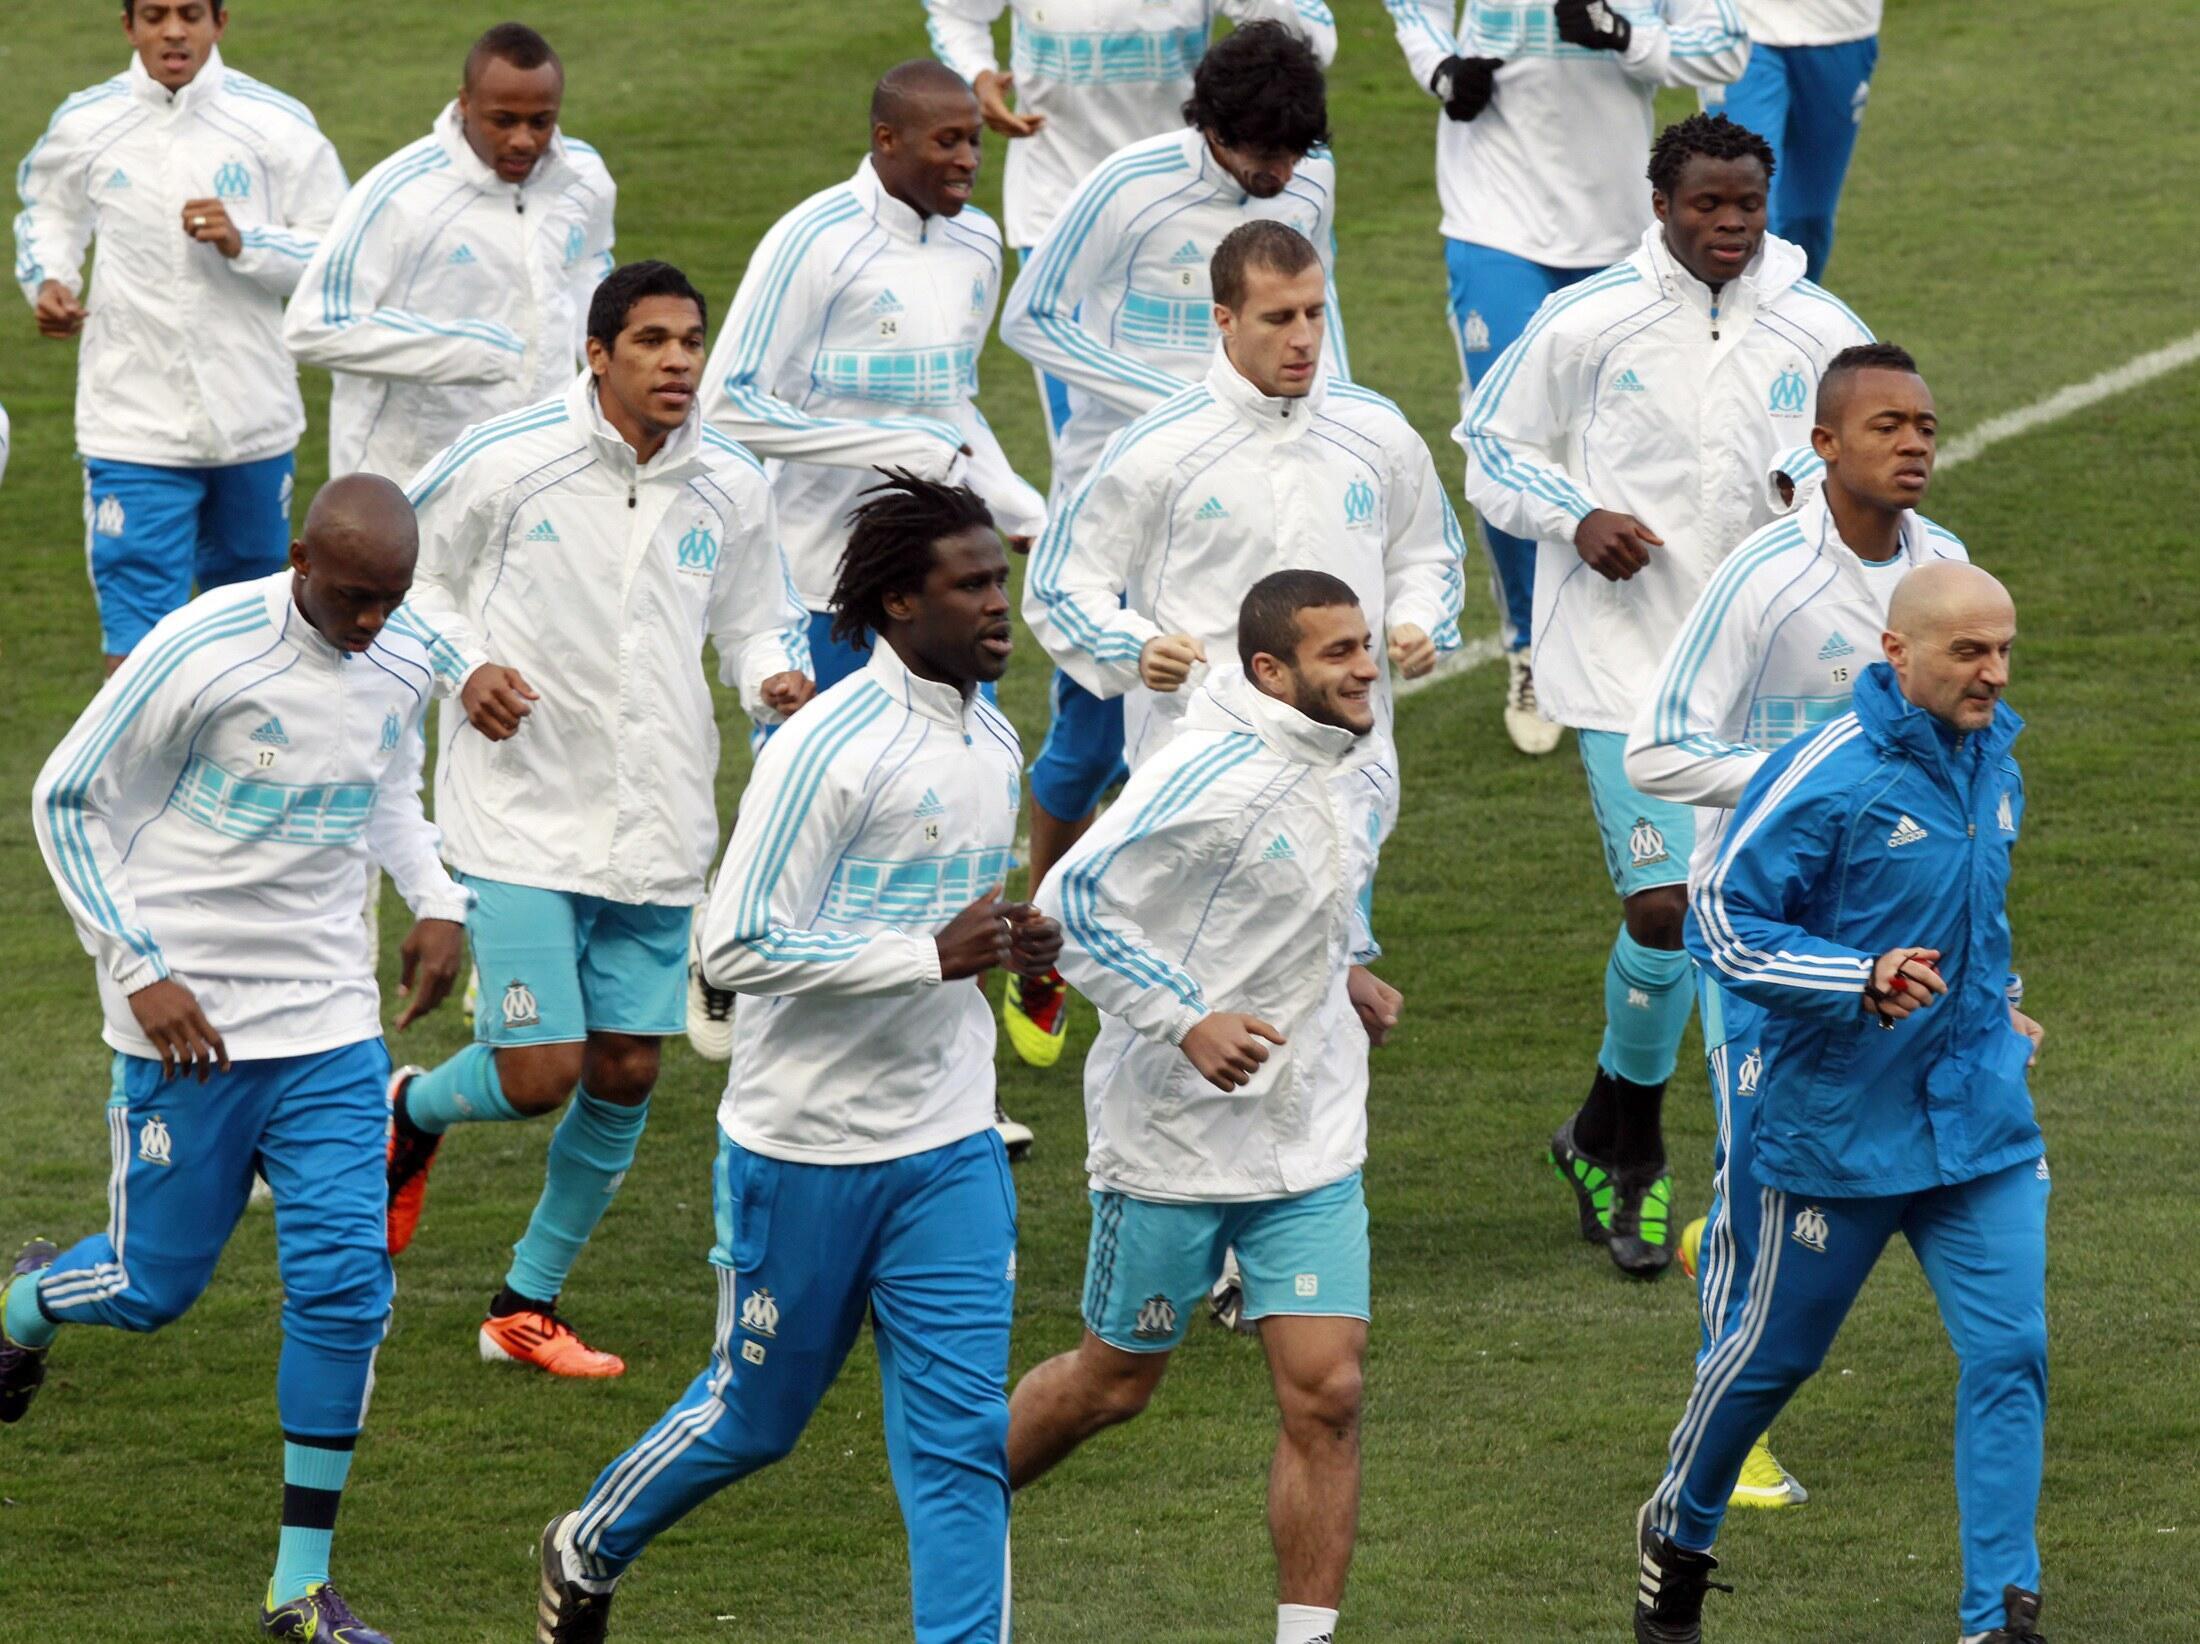 Os jogadores do Olímpico de Marselha durante o treino, na véspera do jogo.